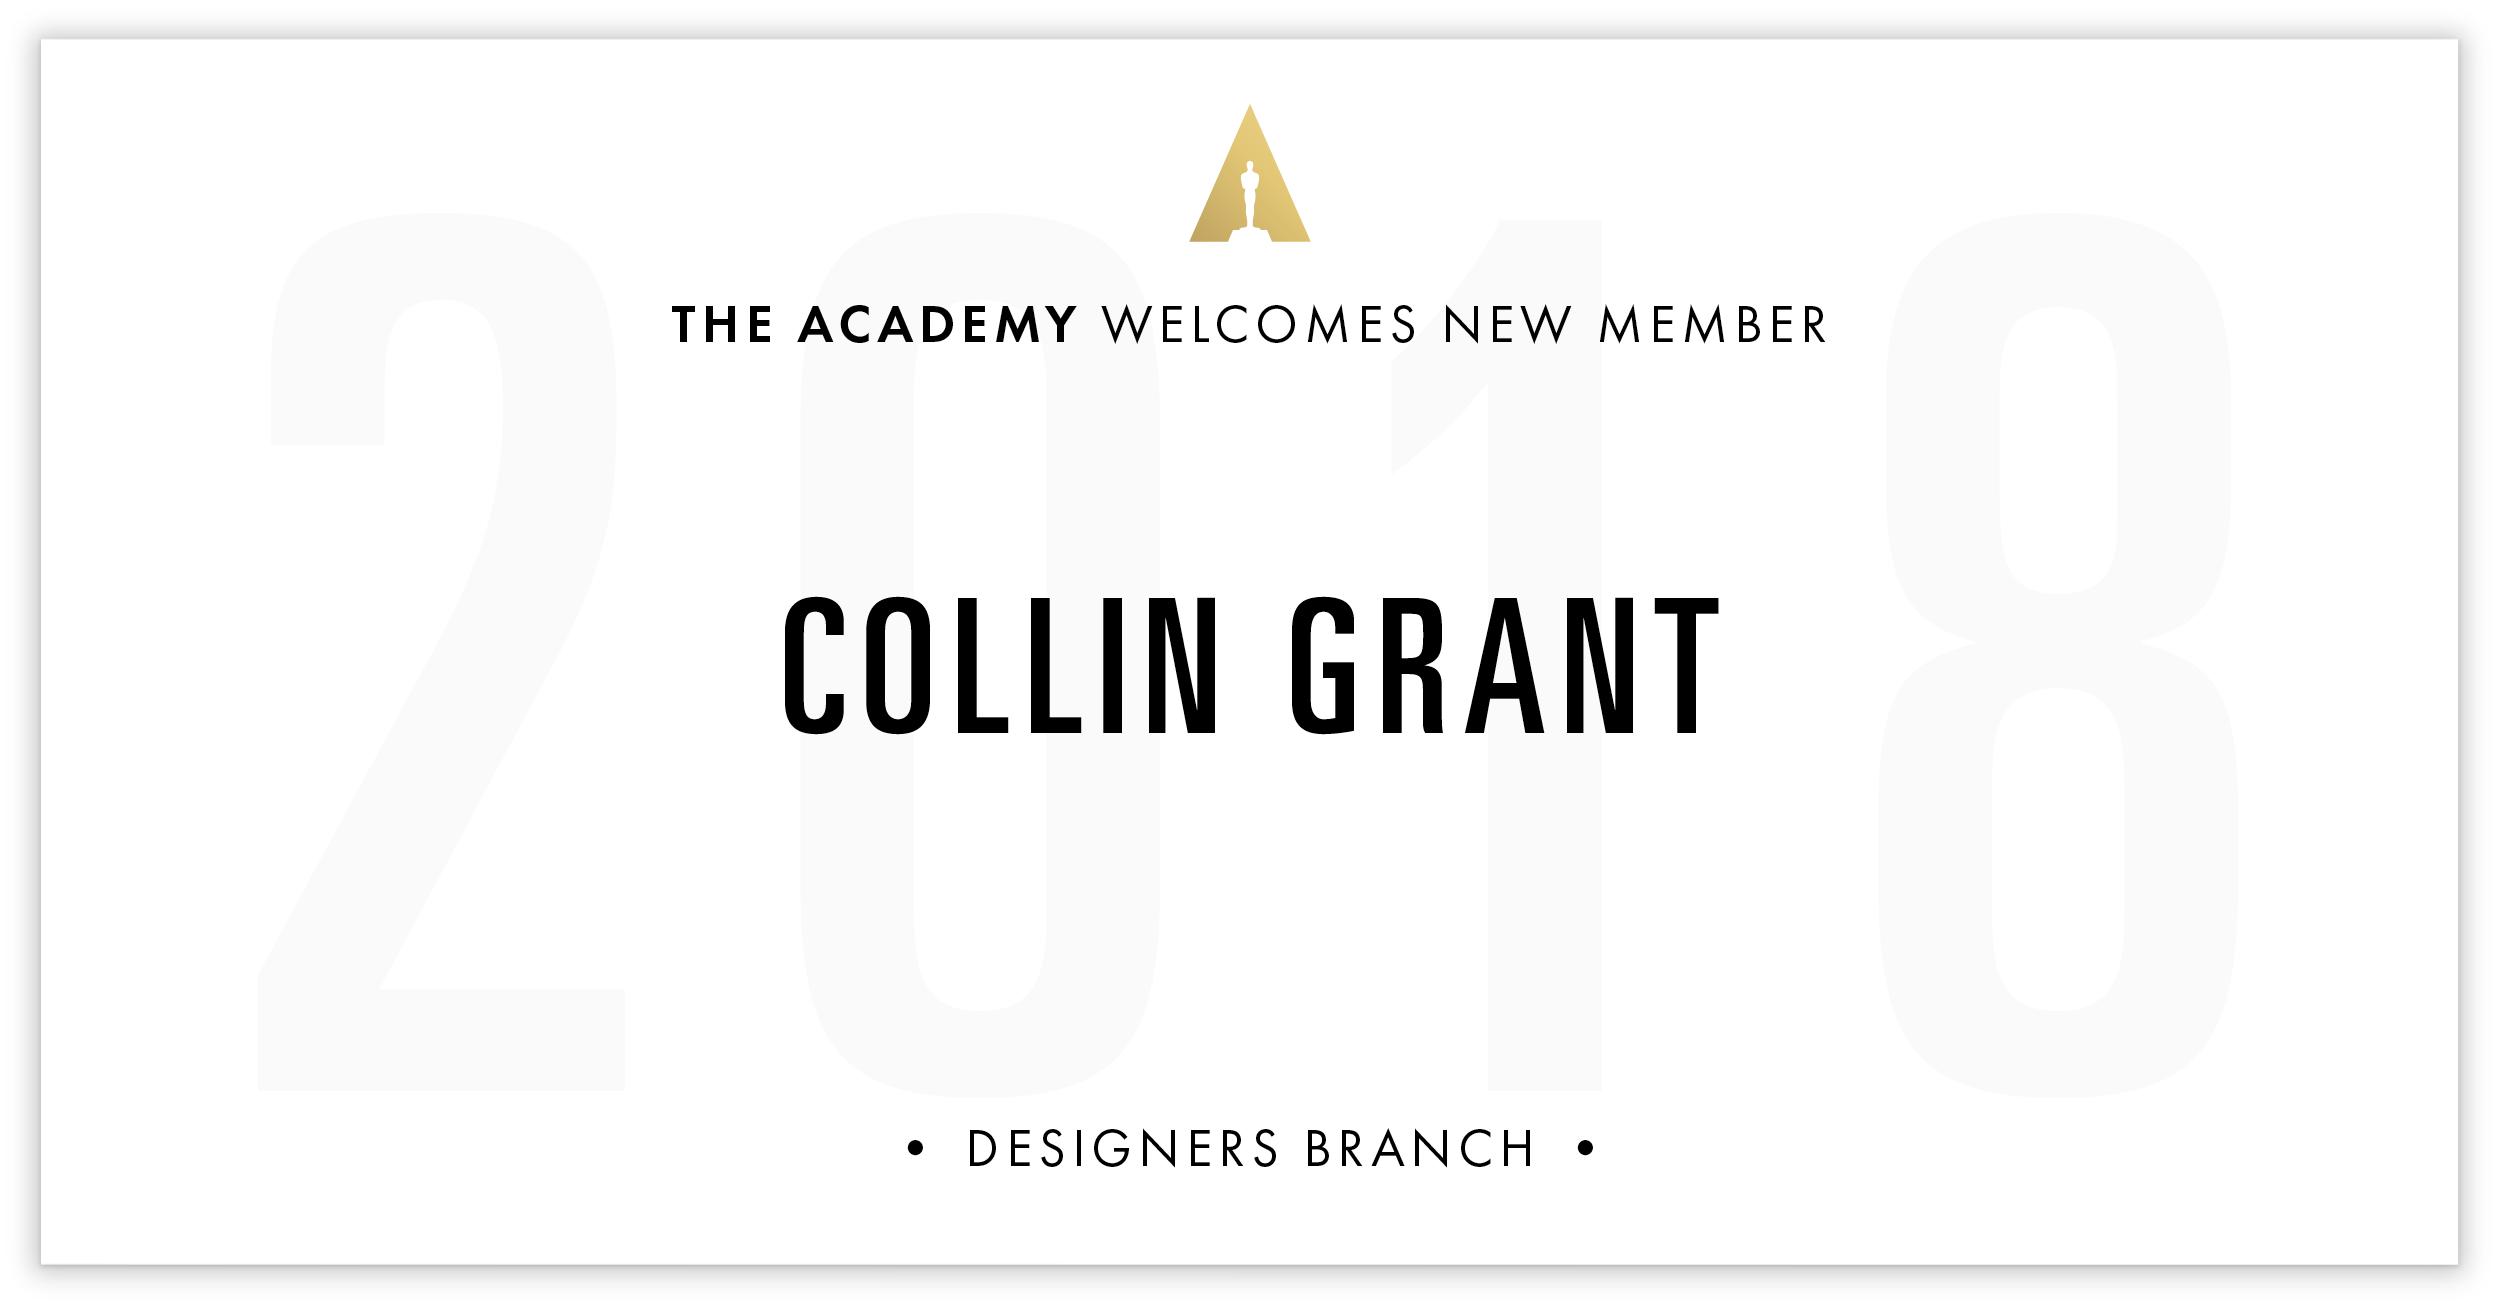 Collin Grant is invited!